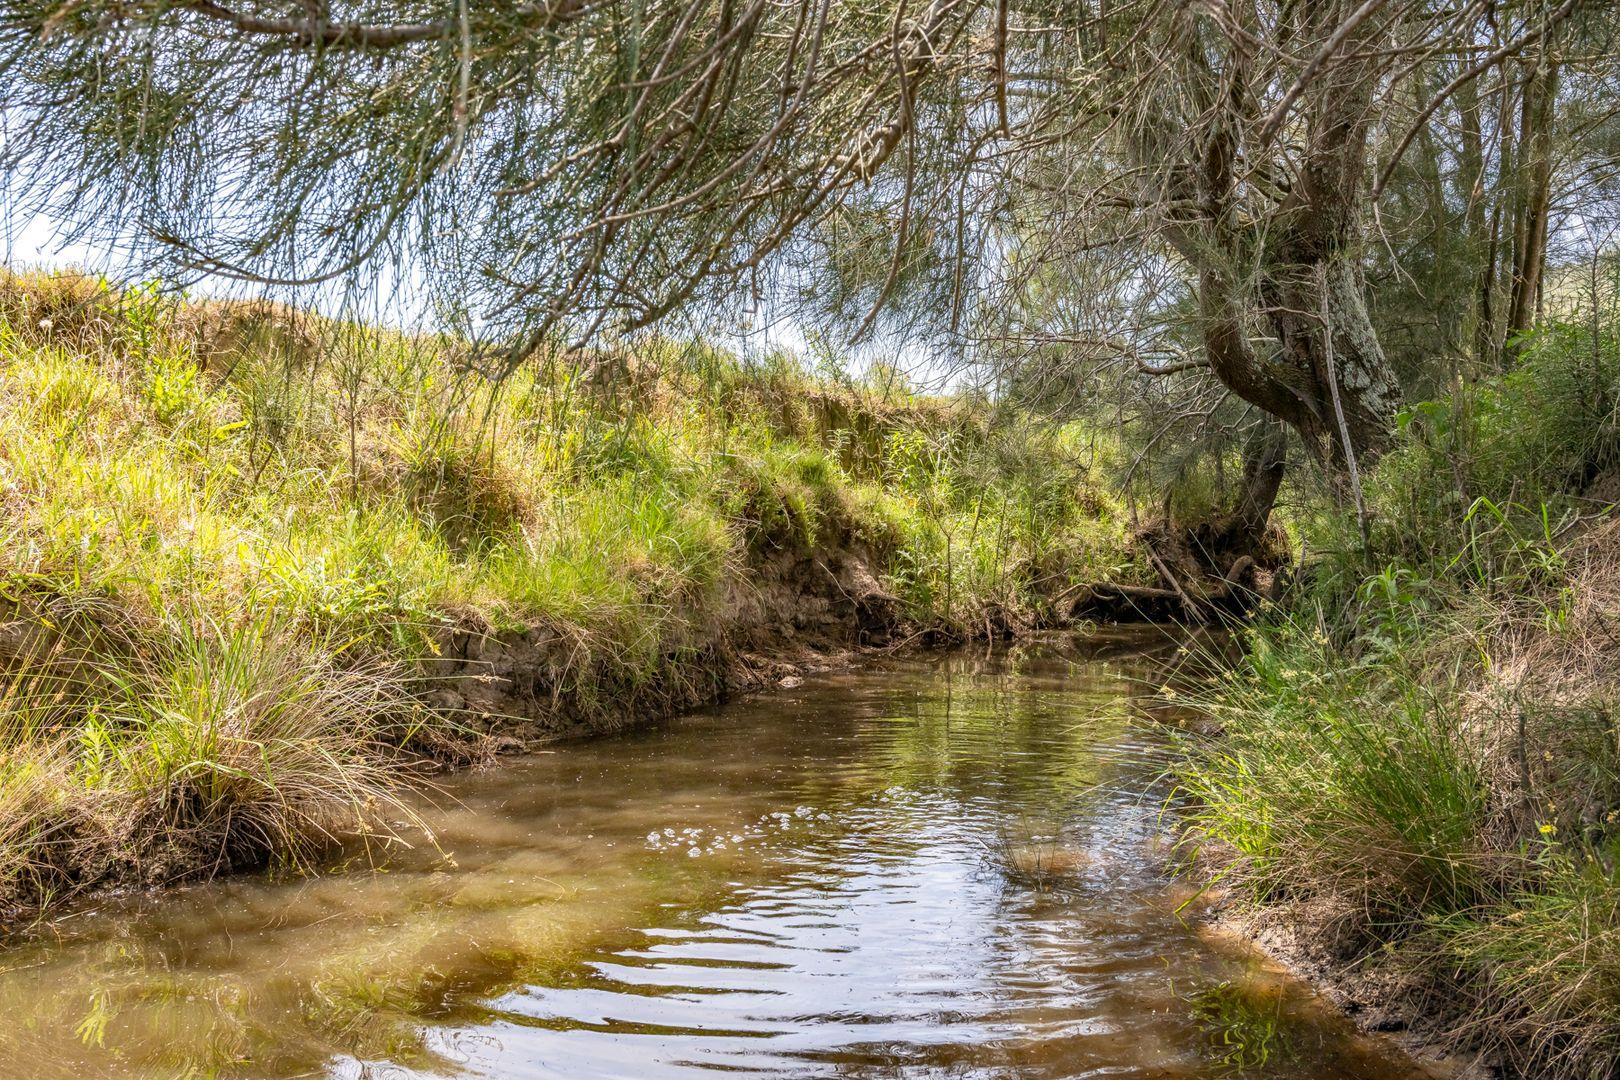 Lot 30 (DP865027)16 Hanleys Creek Road, Tabbil Creek Via, Dungog NSW 2420, Image 1